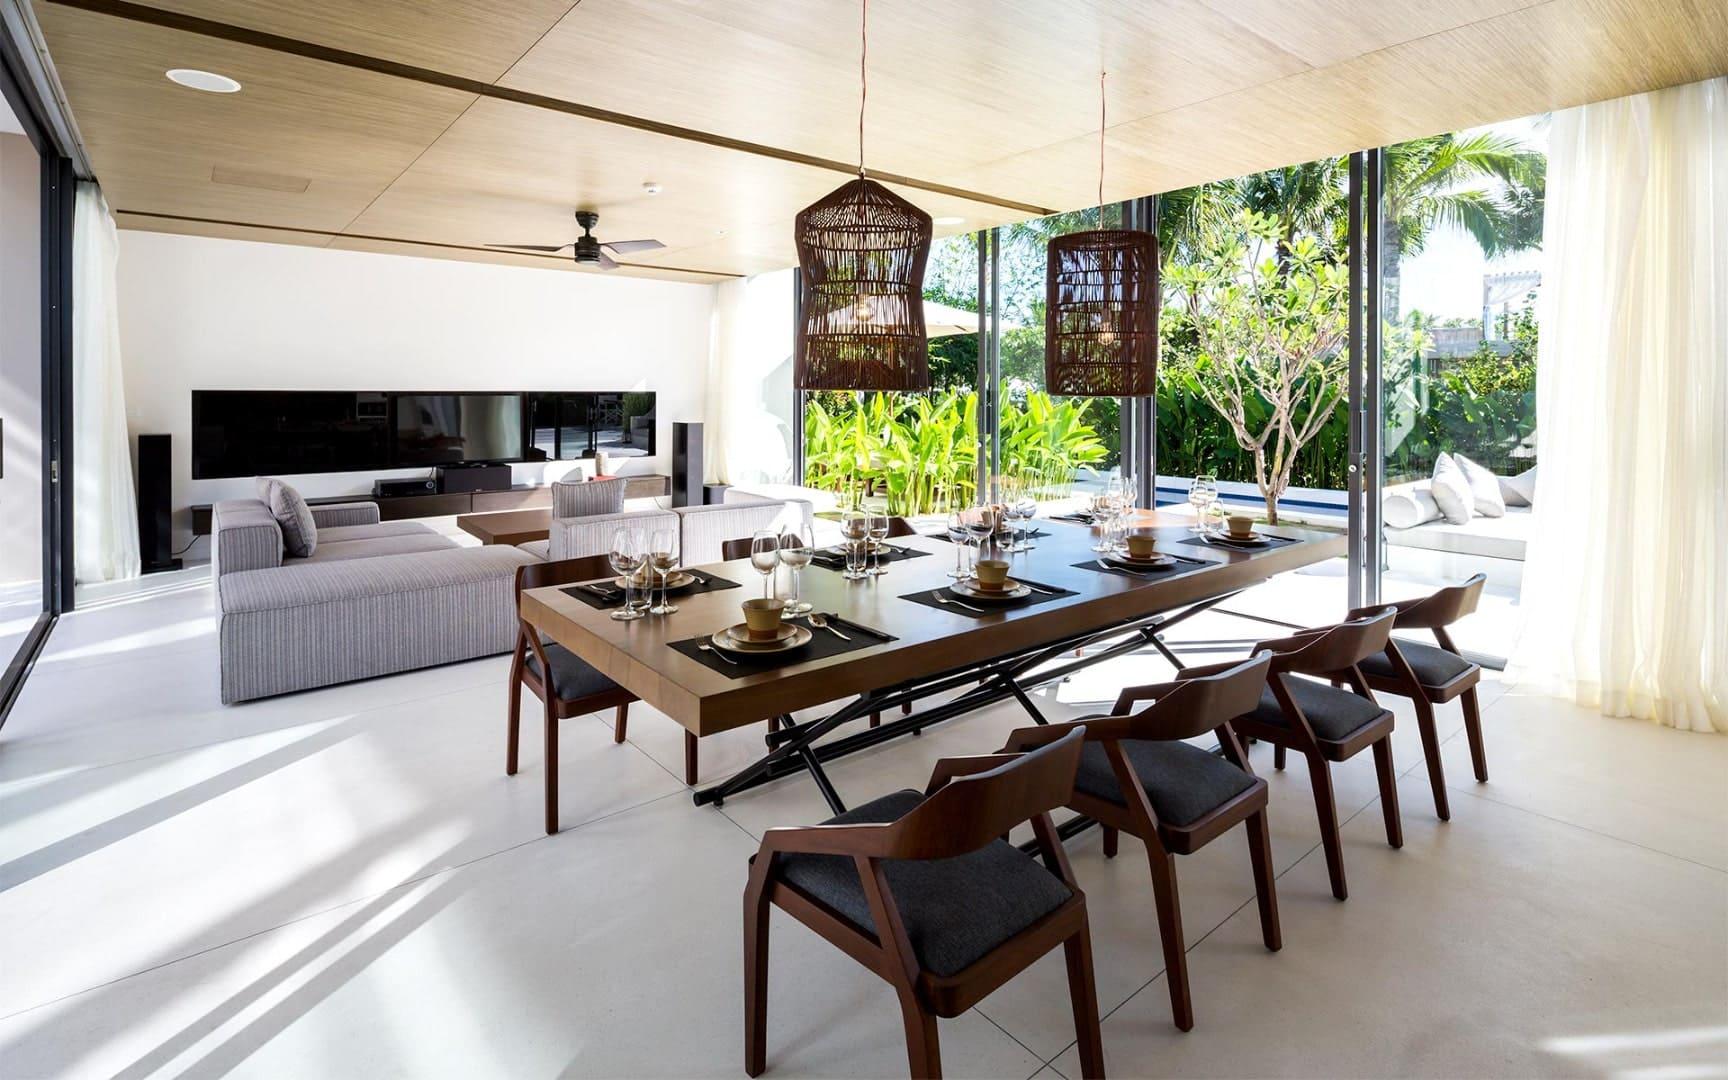 Tiện nghi đầy đủ và sang trọng trong căn biệt thự hướng vườn Naman Đà Nẵng